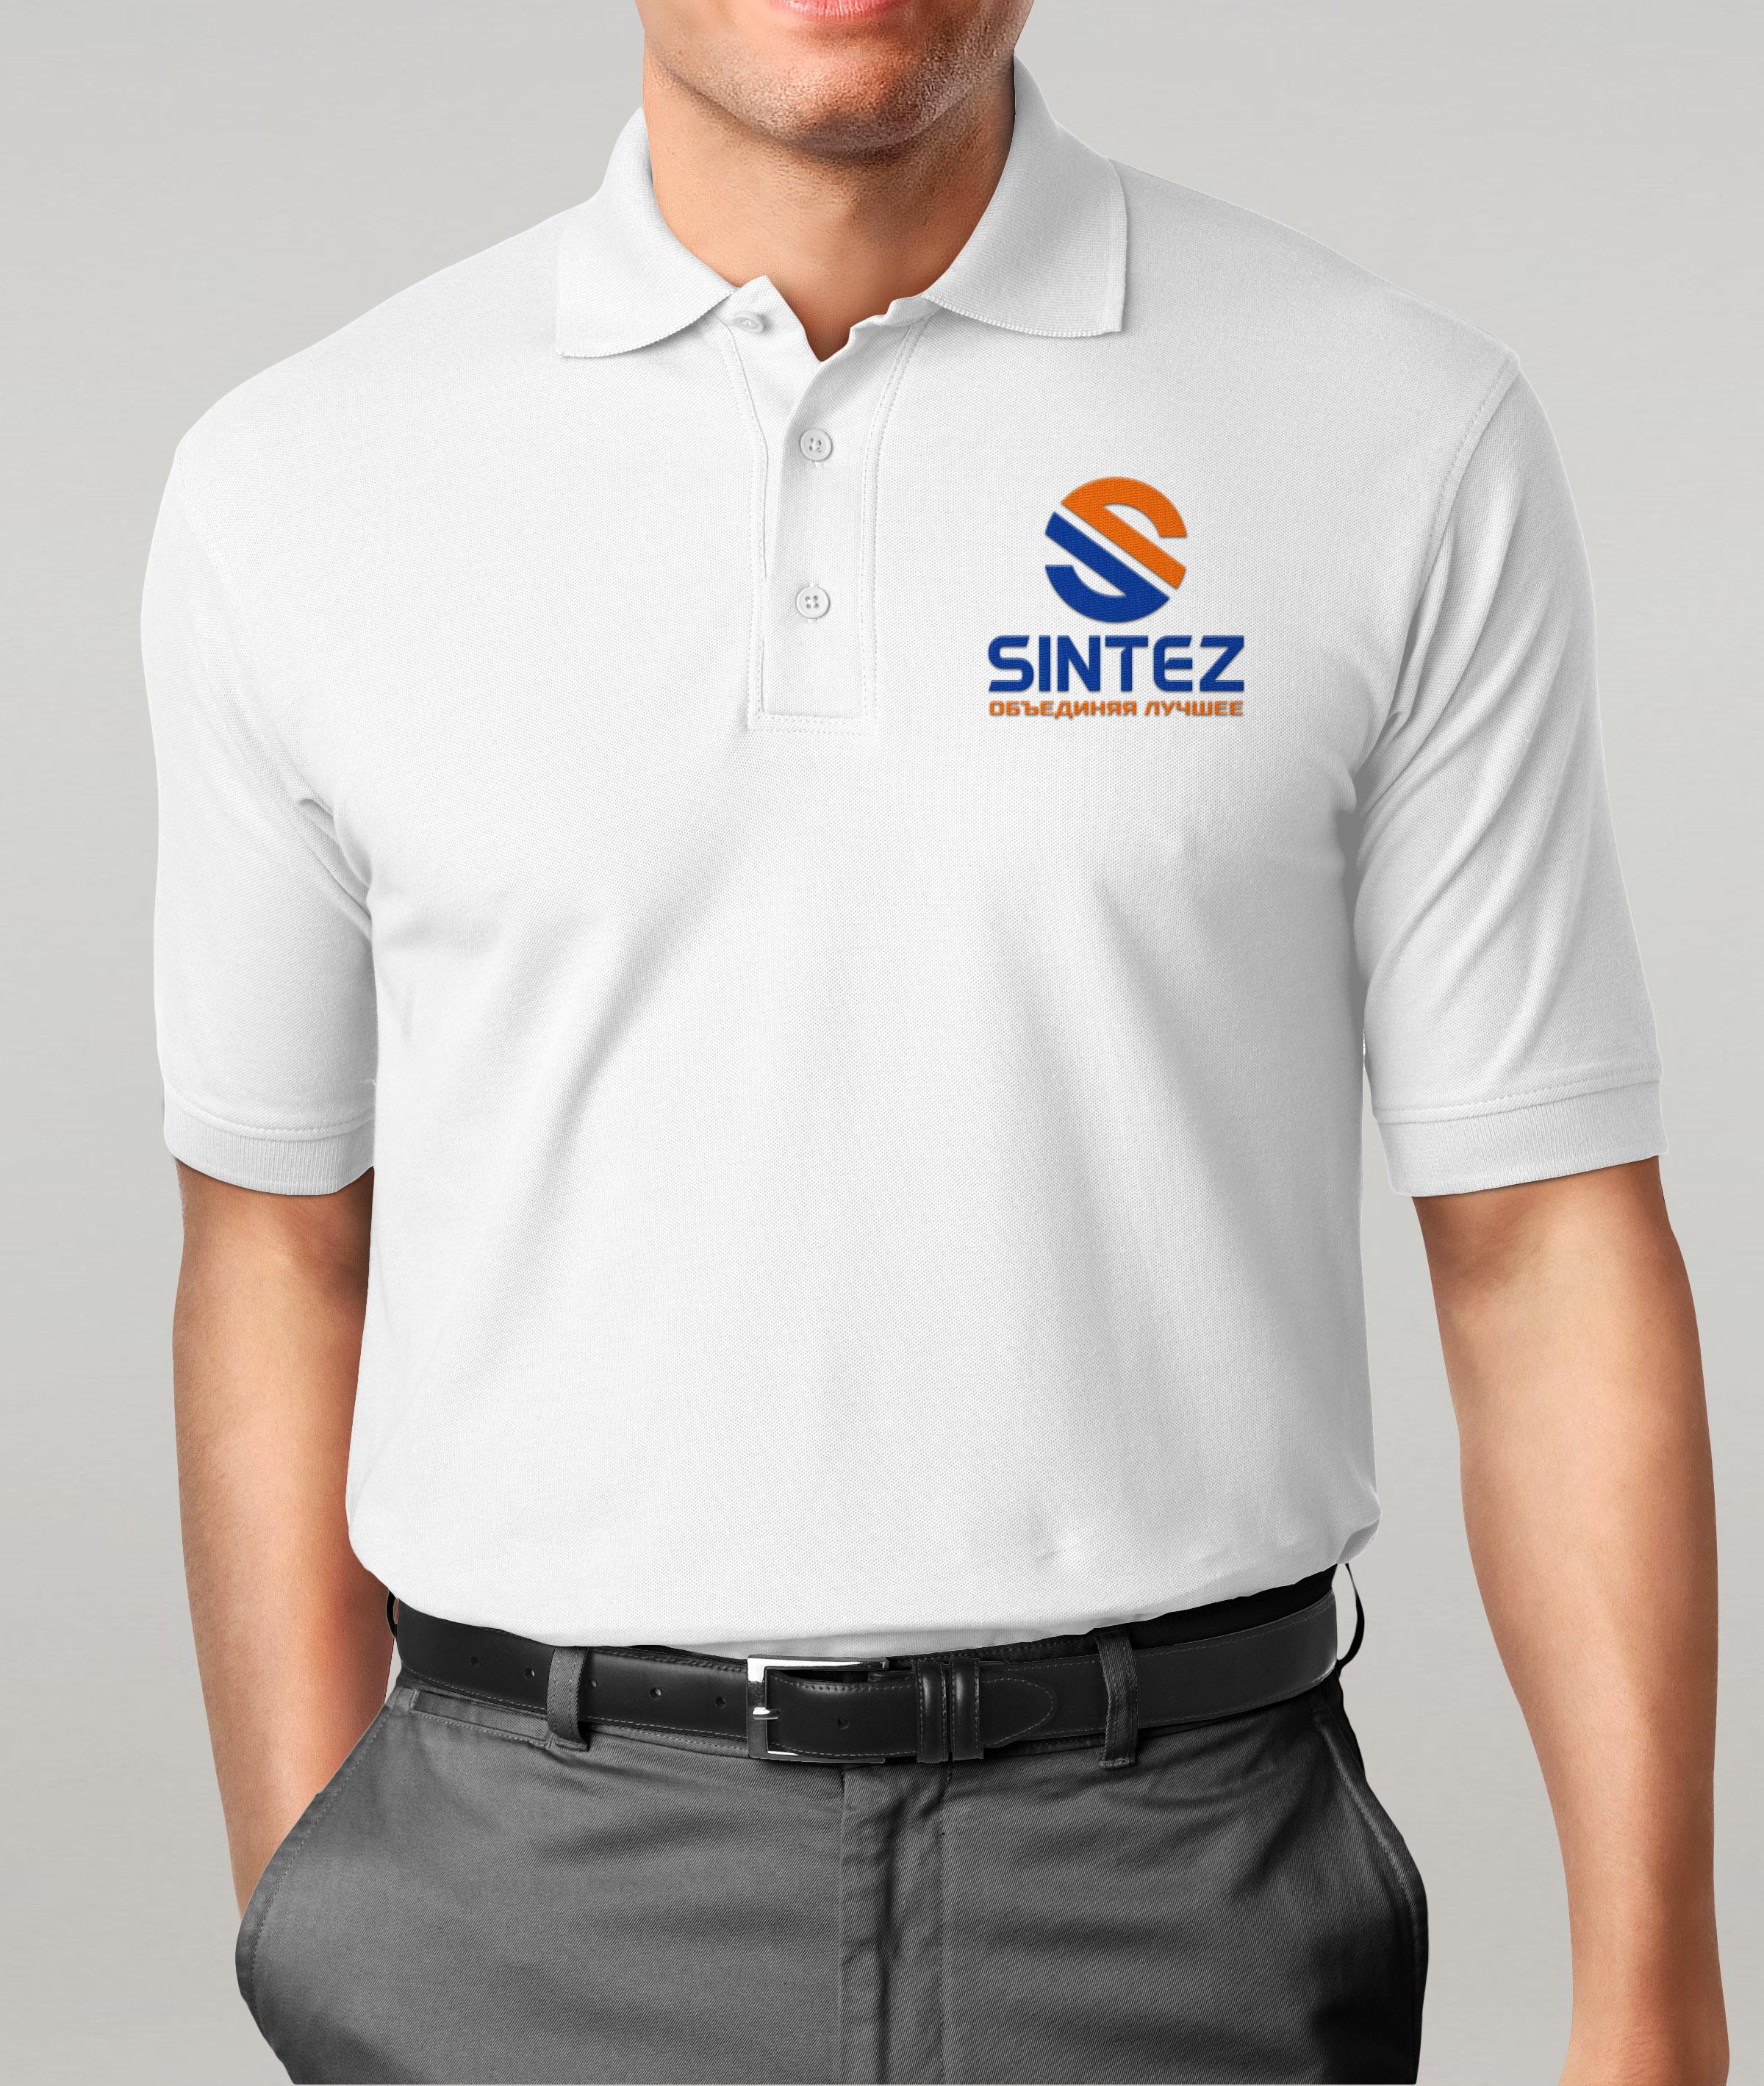 Разрабтка логотипа компании и фирменного шрифта фото f_7675f60b13e7599f.jpg